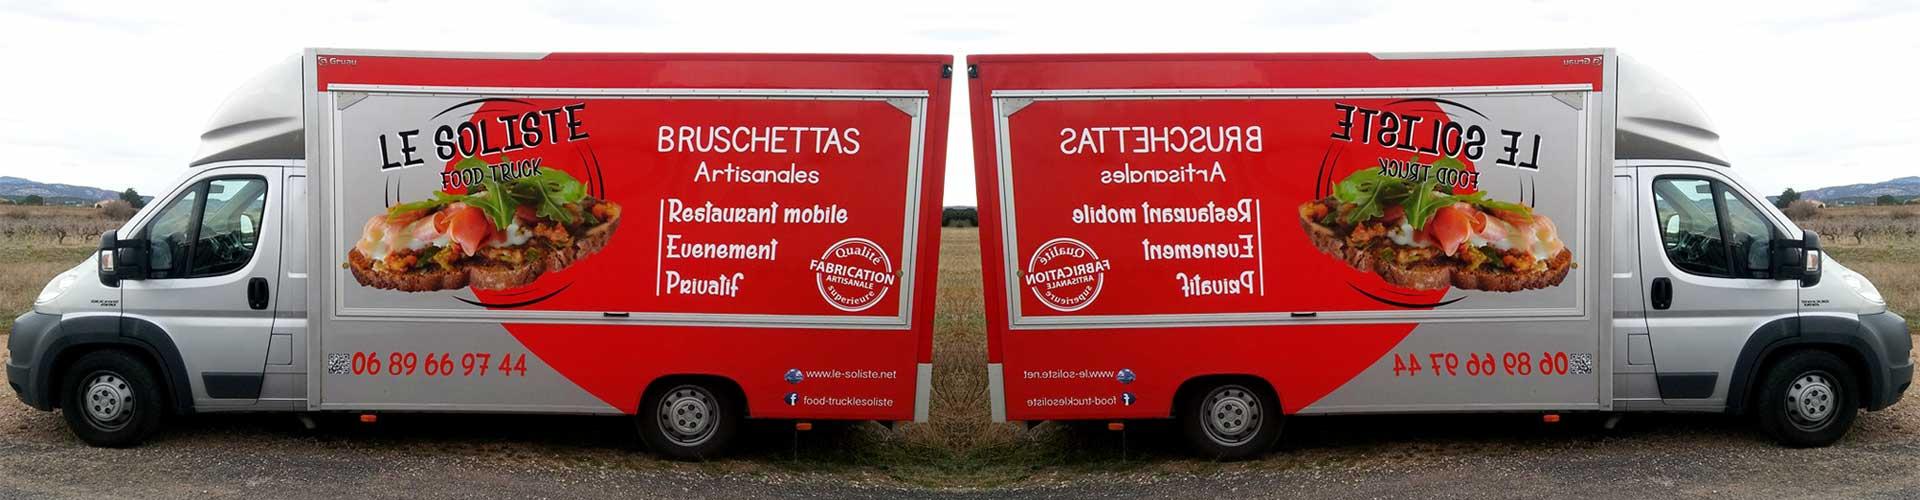 Le soliste Food Truck, spécialiste de la  BRUSCHETTA et du PANINIS dans l'Hérault